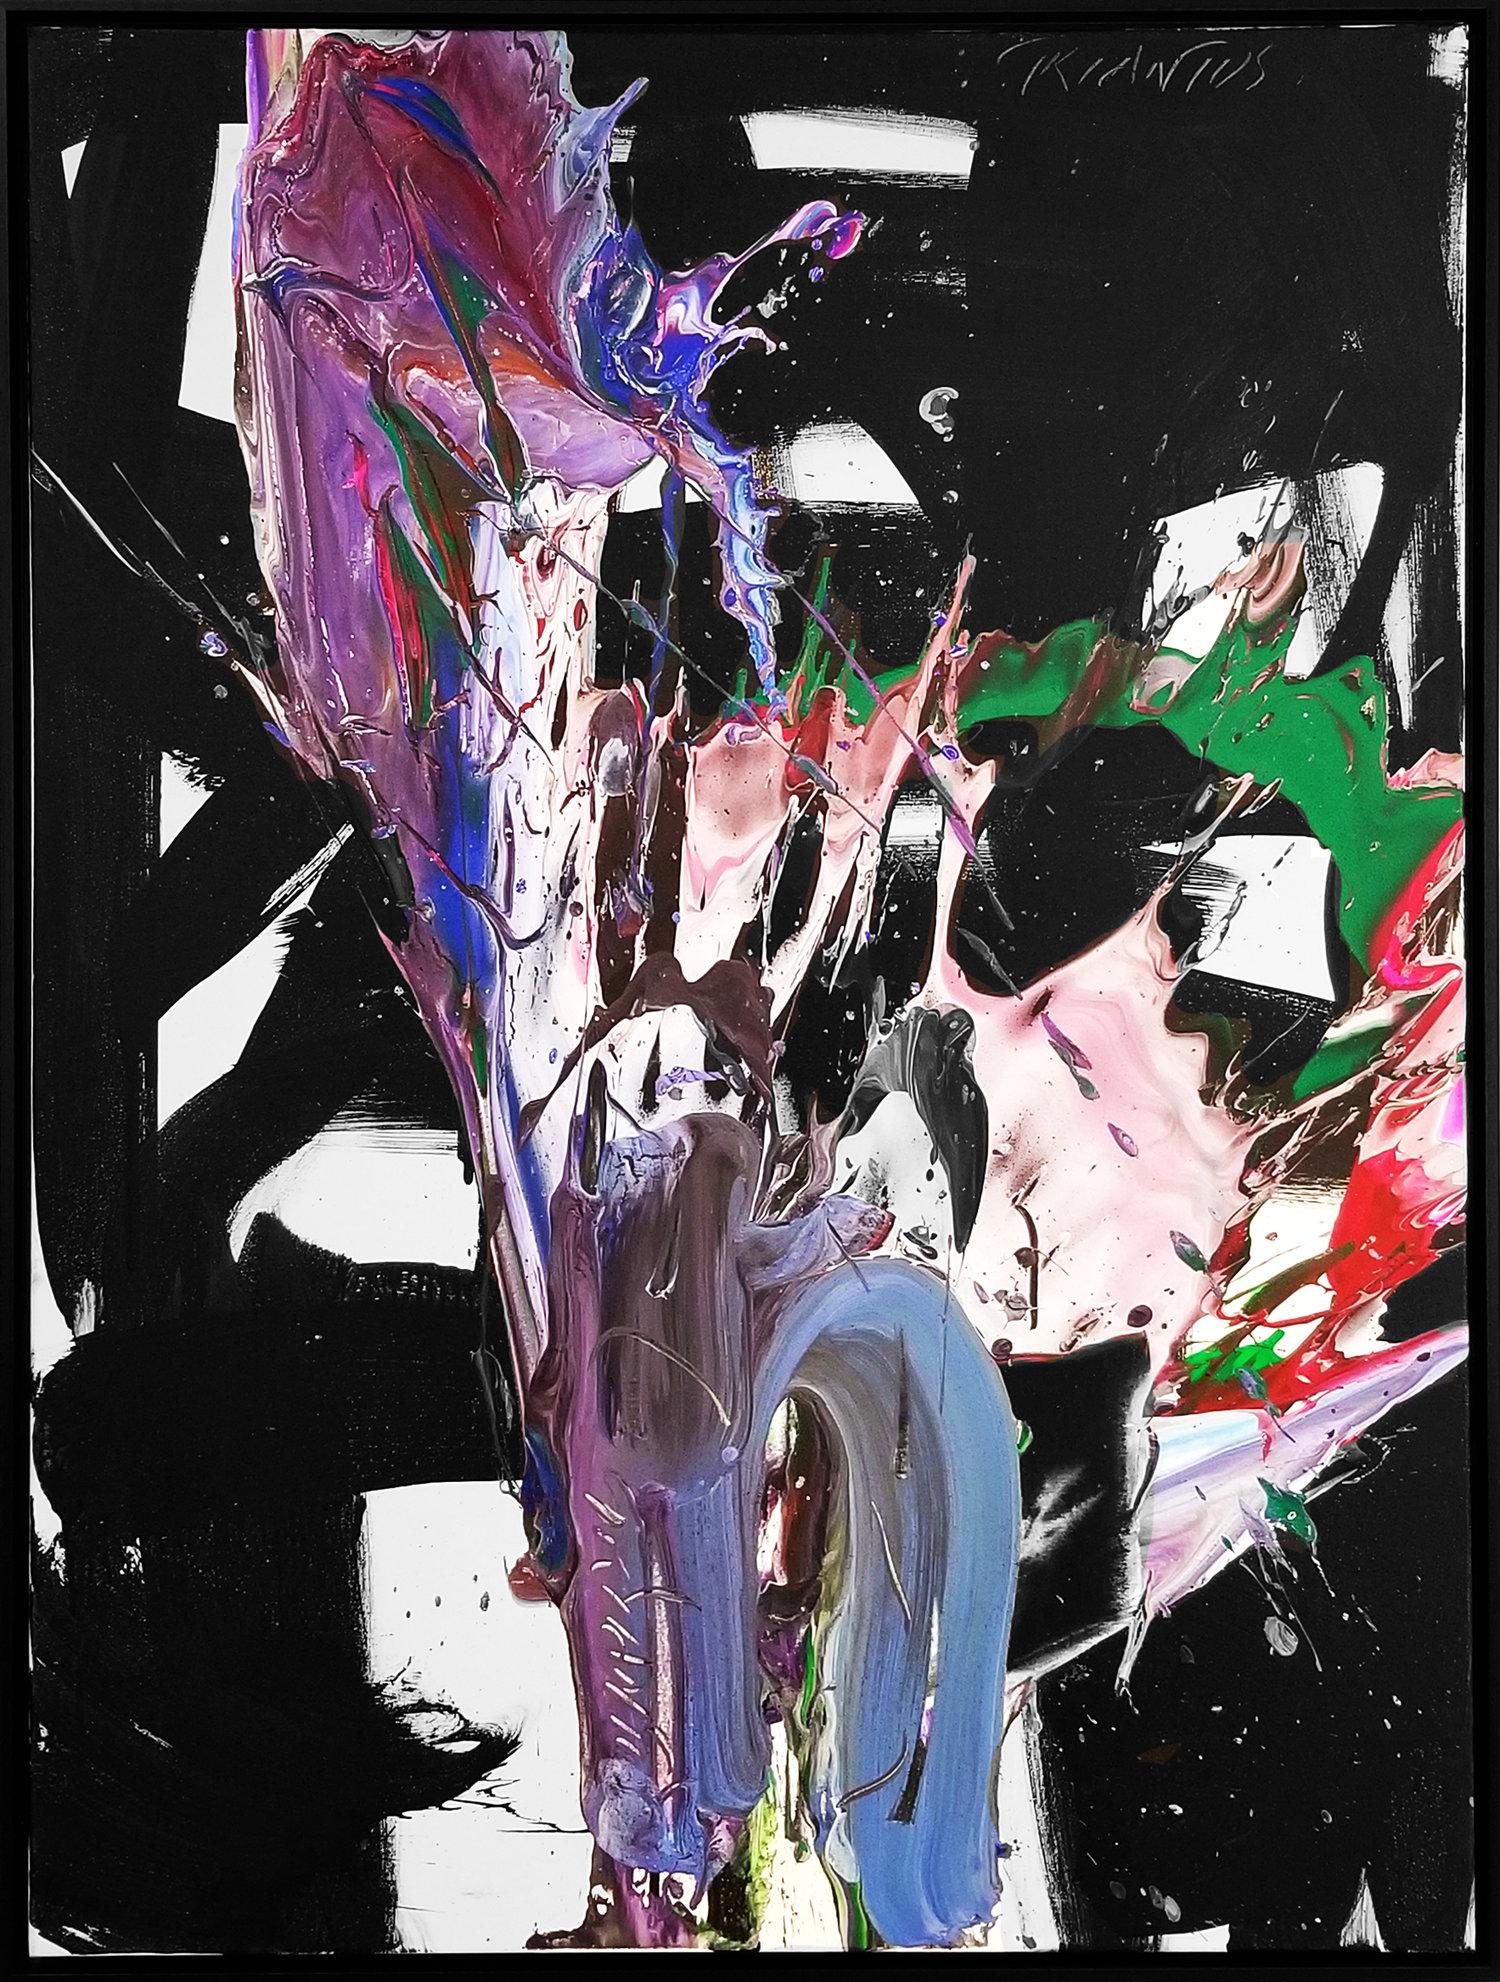 """SP²#129, 2018, acrylic on canvas, 48"""" x 36"""" (121 x 91.4 cm)"""